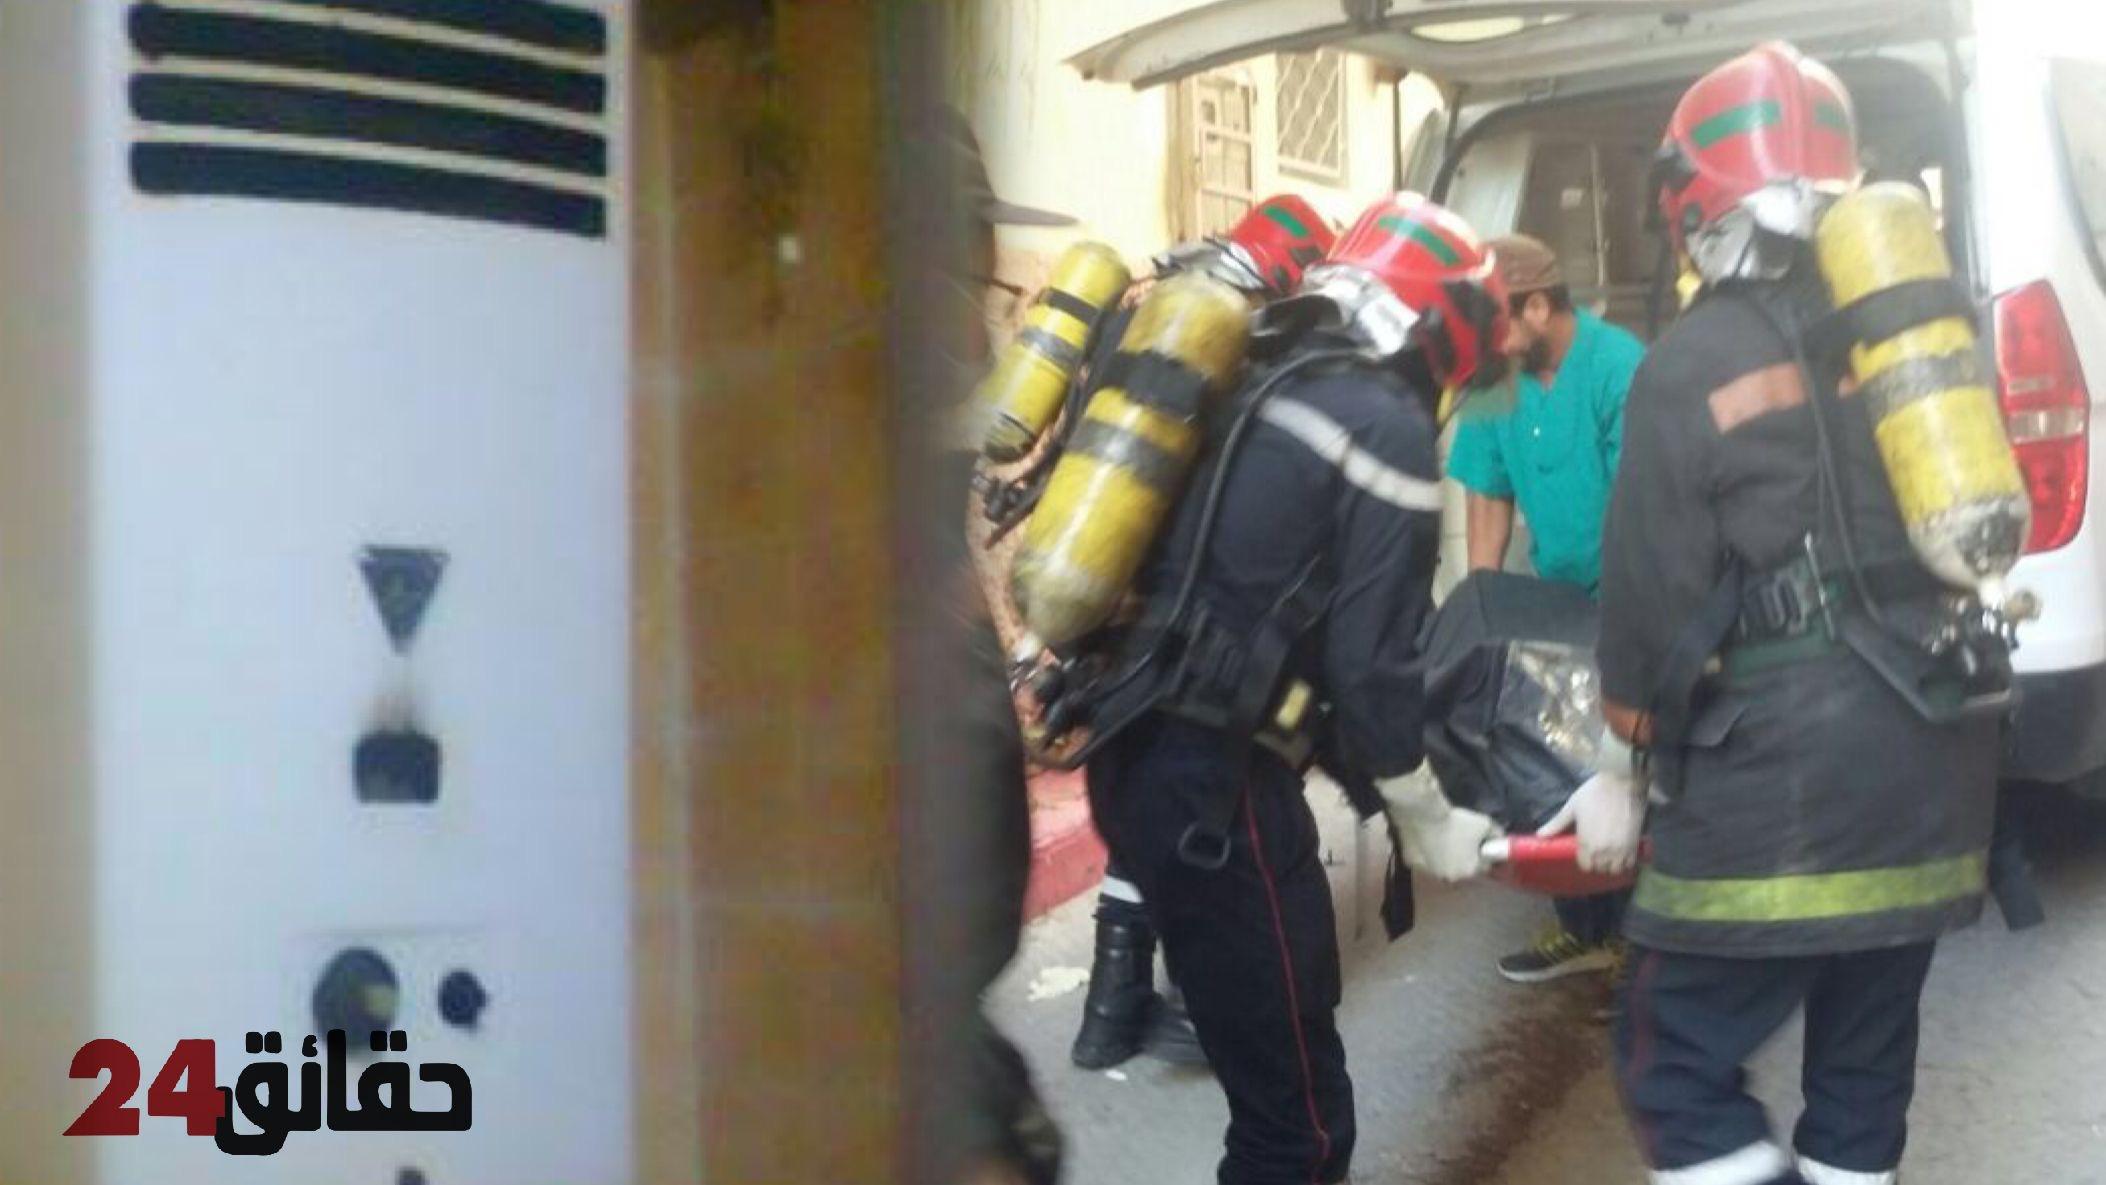 صورة الغاز يقتل عشيقين باشتوكة